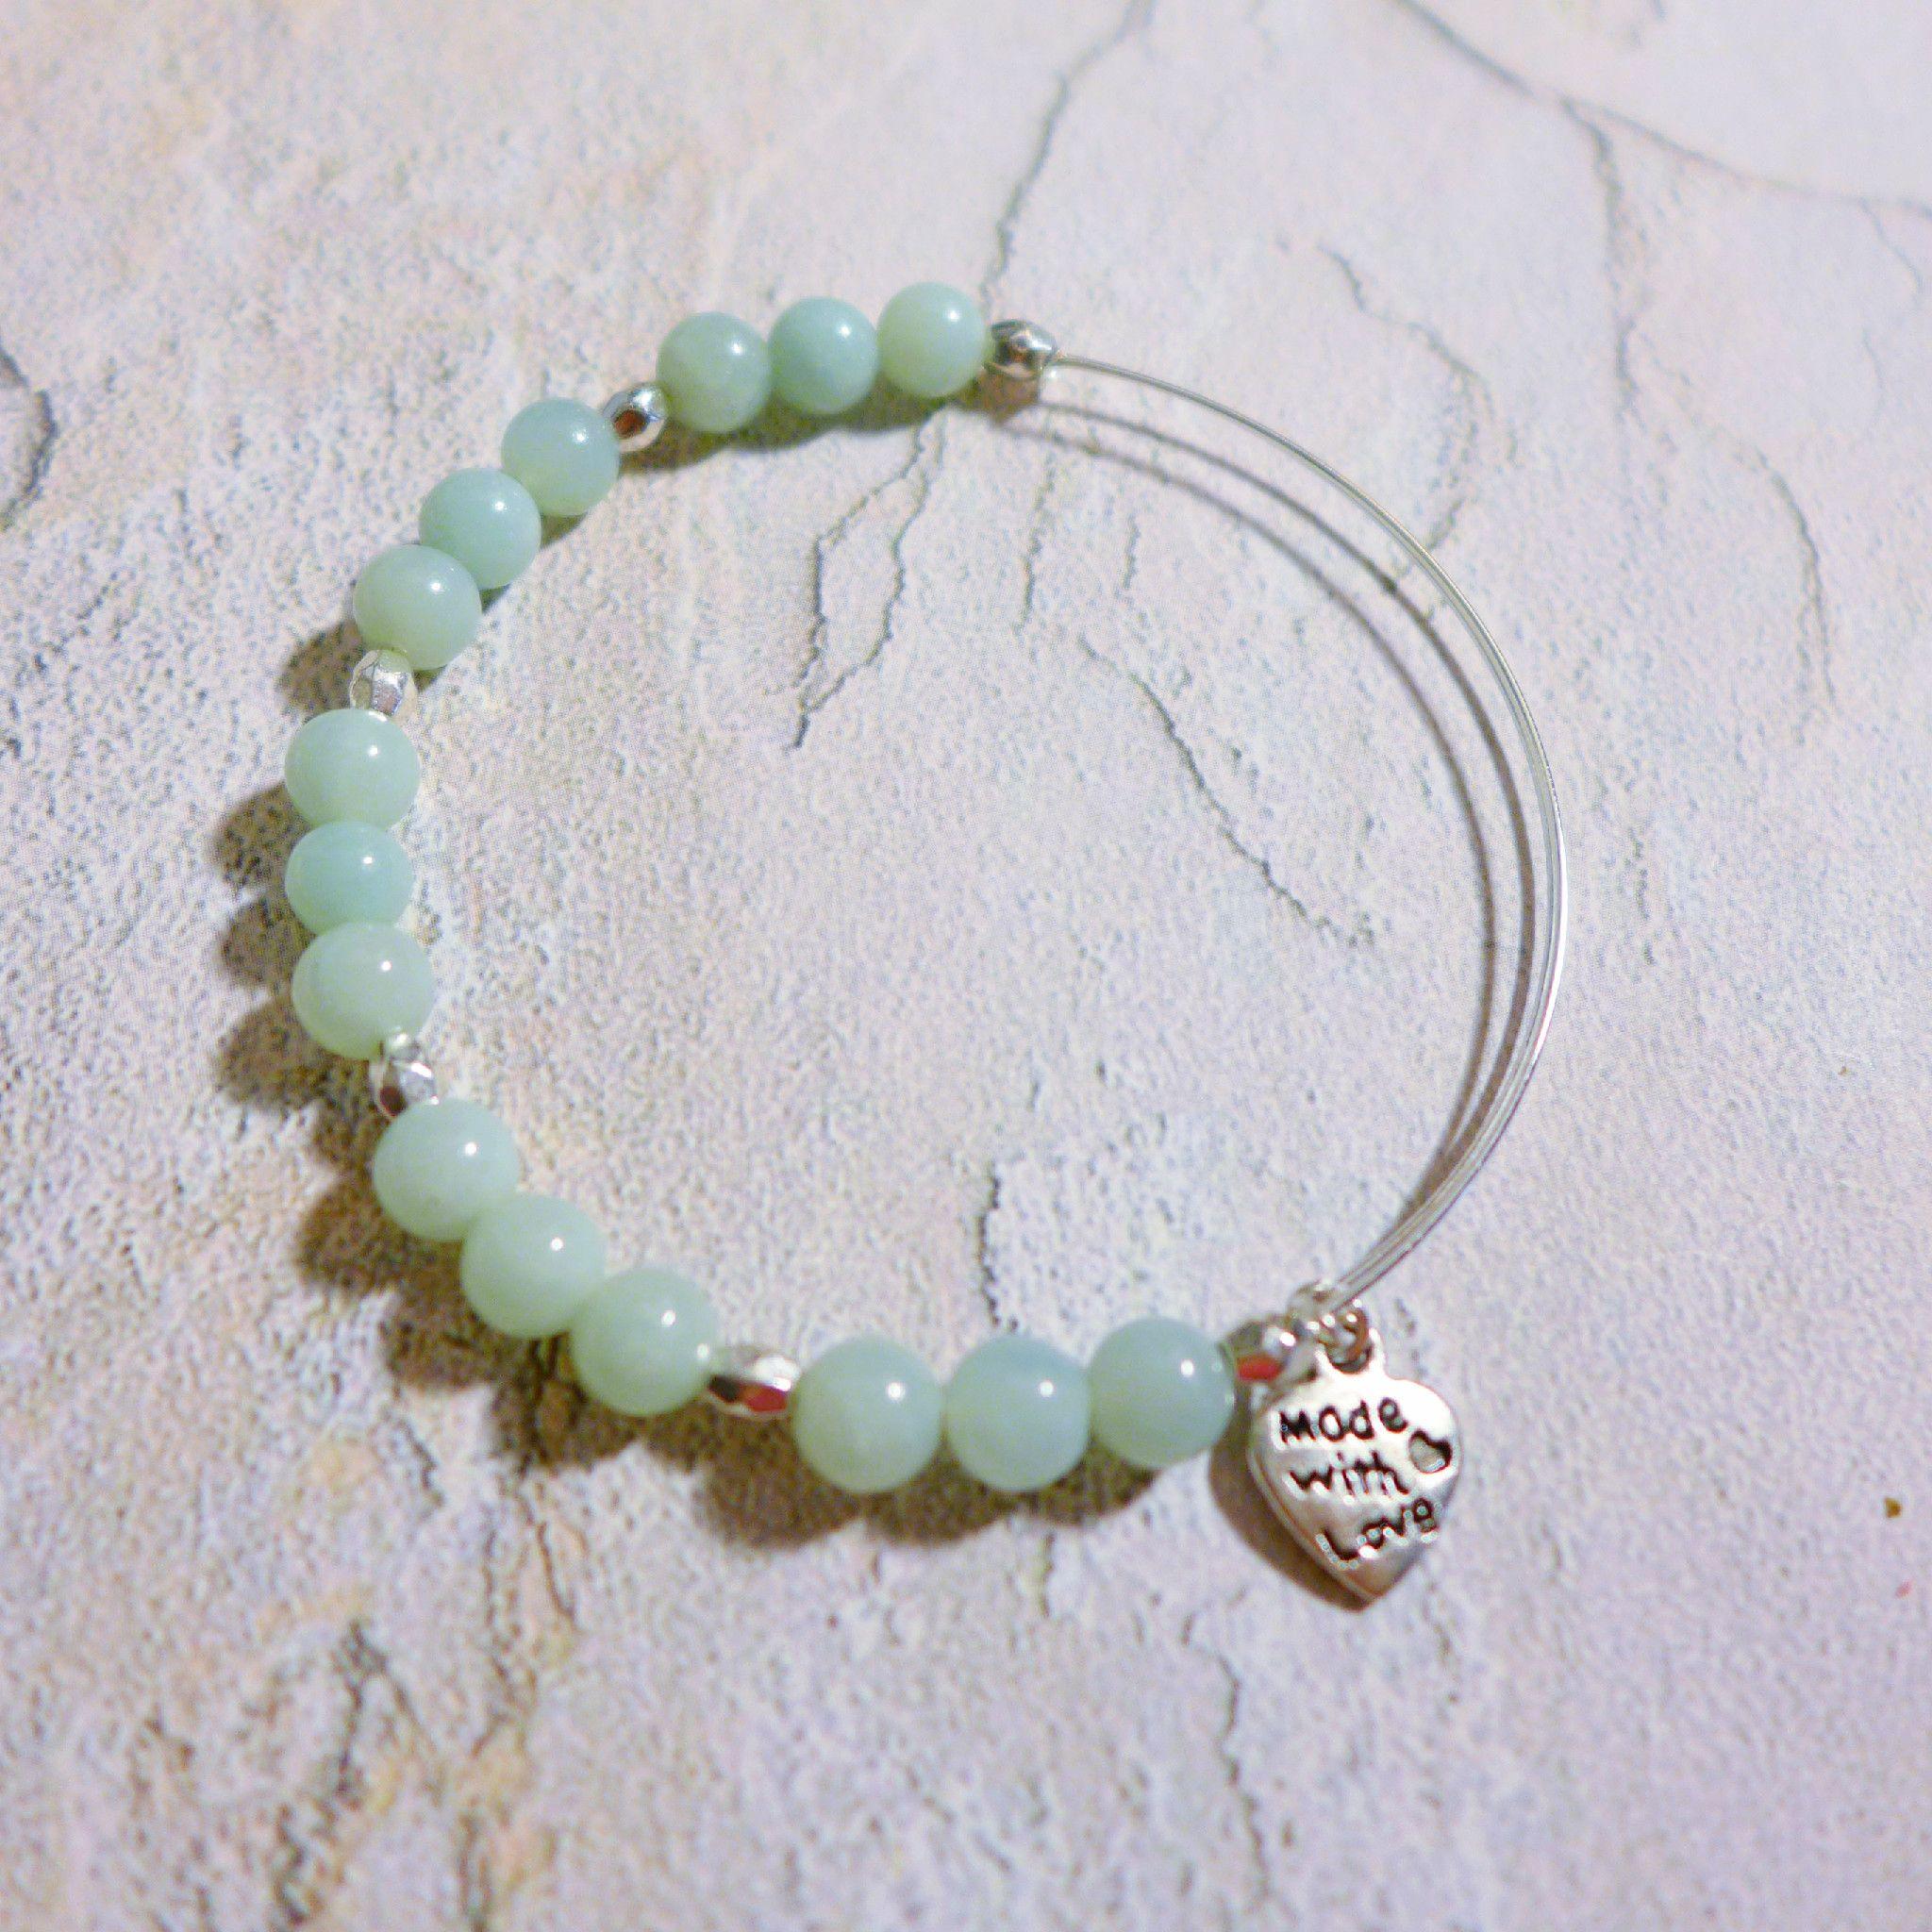 Amazonite bead expandable wire bracelet $18 julemijewelry.etsy.com